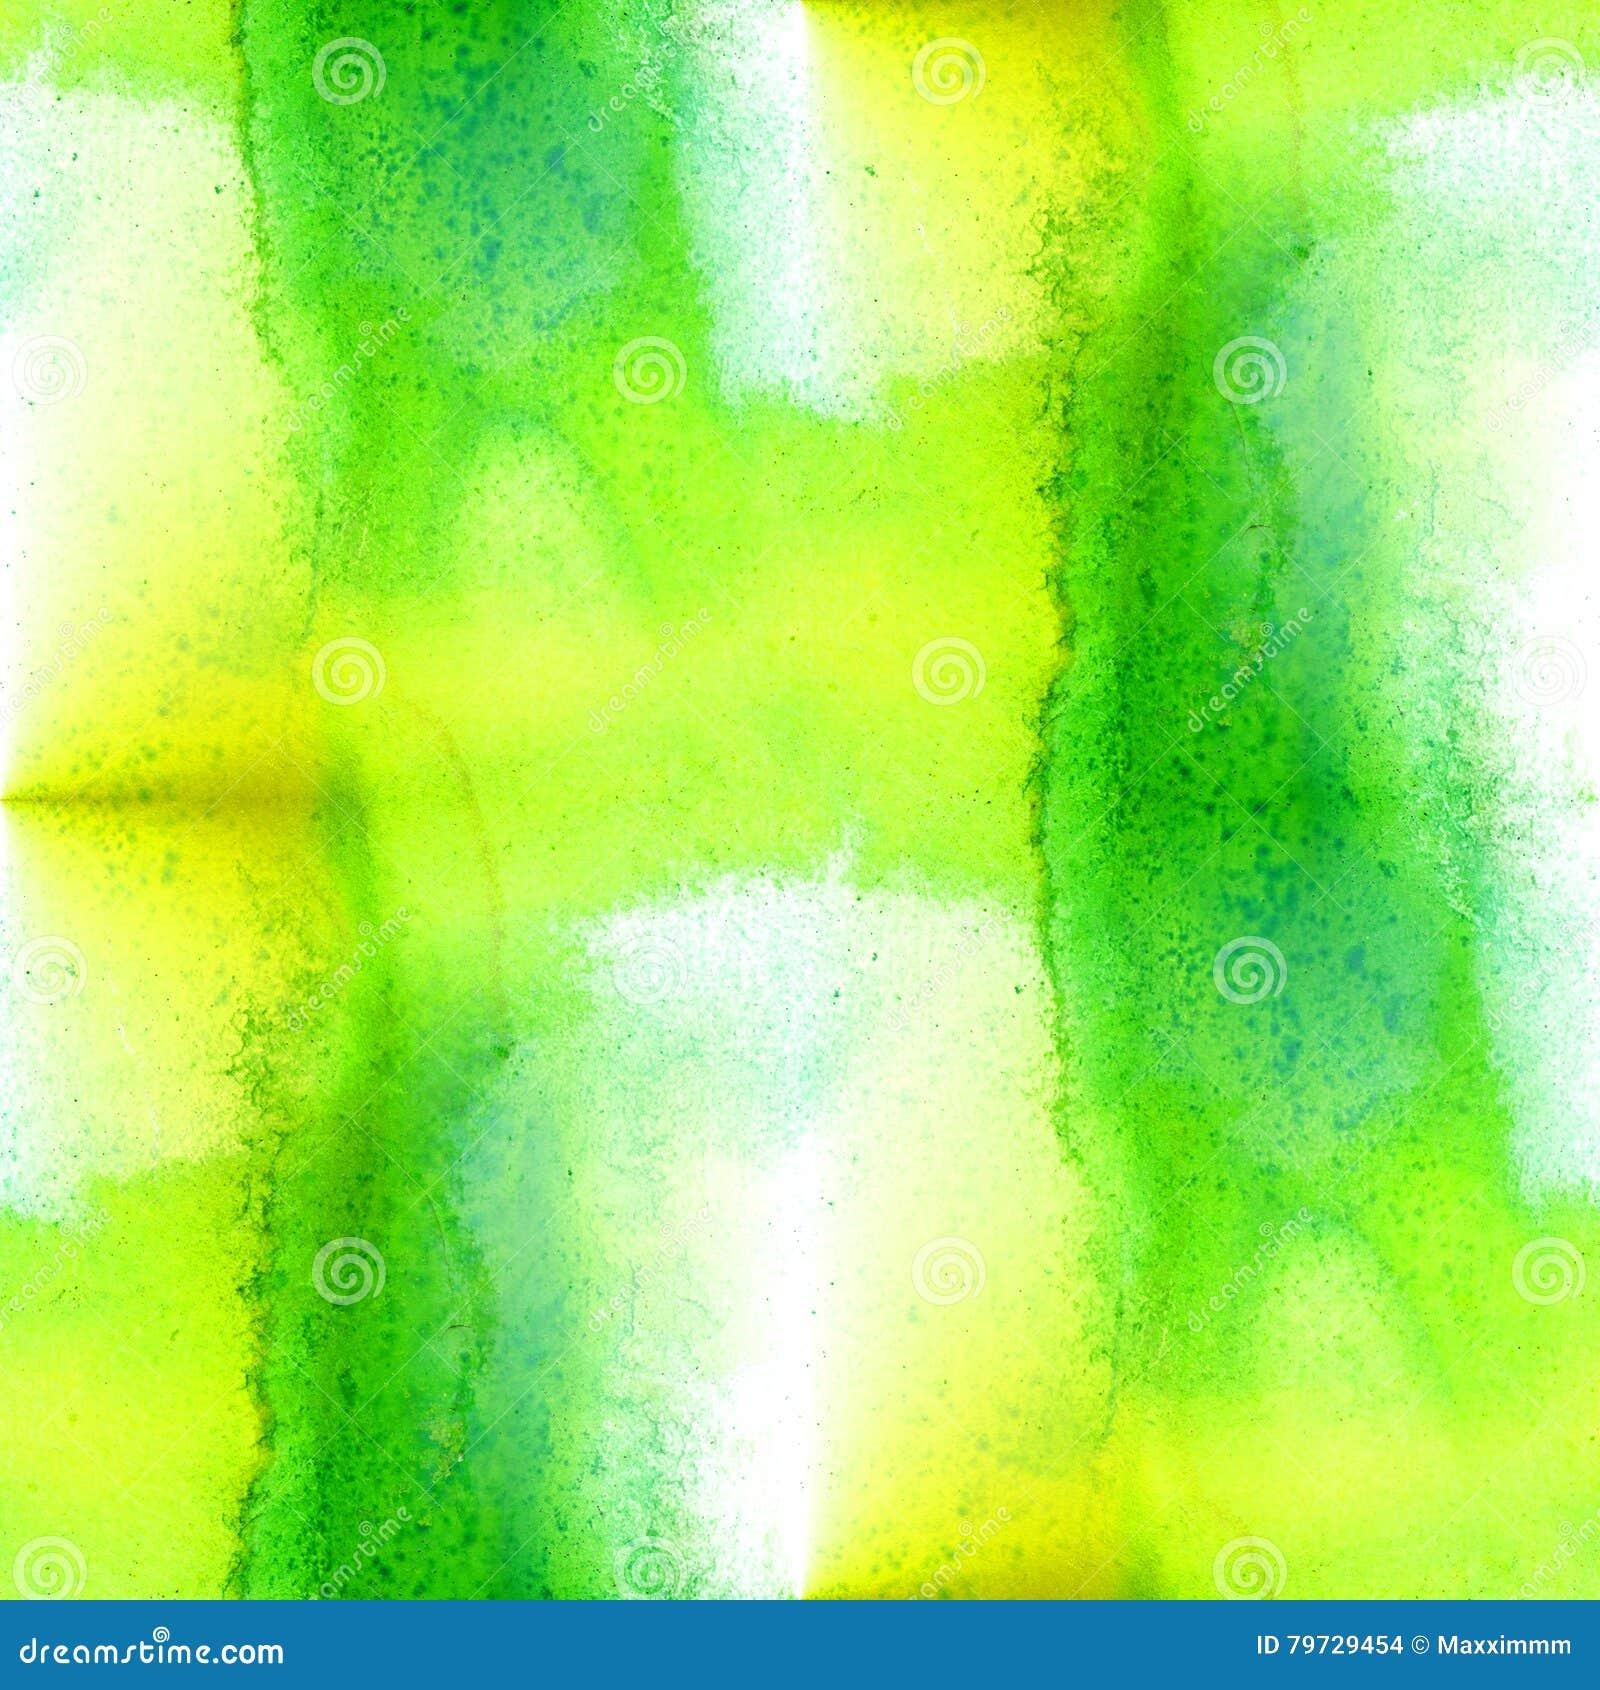 Fondo inconsútil del modelo del verde amarillo Arte pintado a mano de la acuarela hecha a mano abstracta